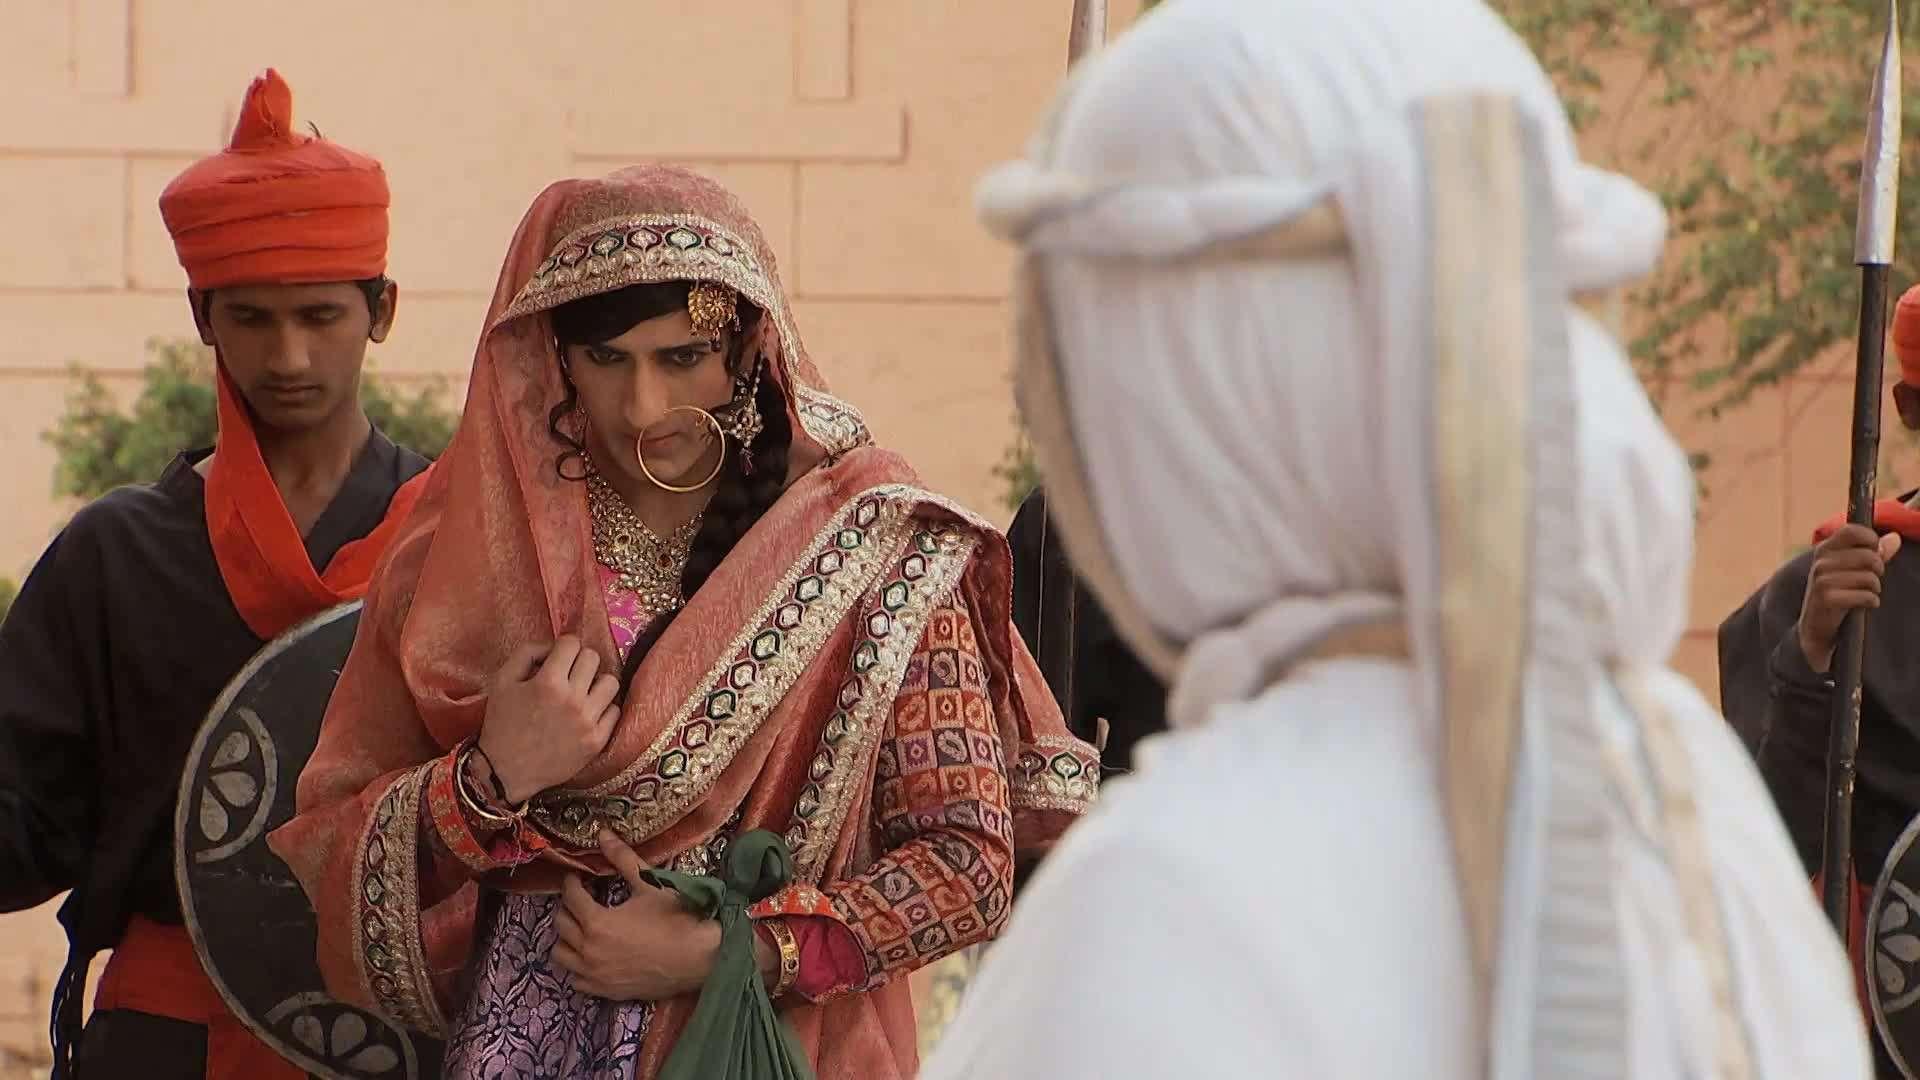 المسلسل الهندي التاريخي جودا أكبر الجزء الثاني (2013) [مدبلج] كامل 1080p تحميل تورنت 11 arabp2p.com